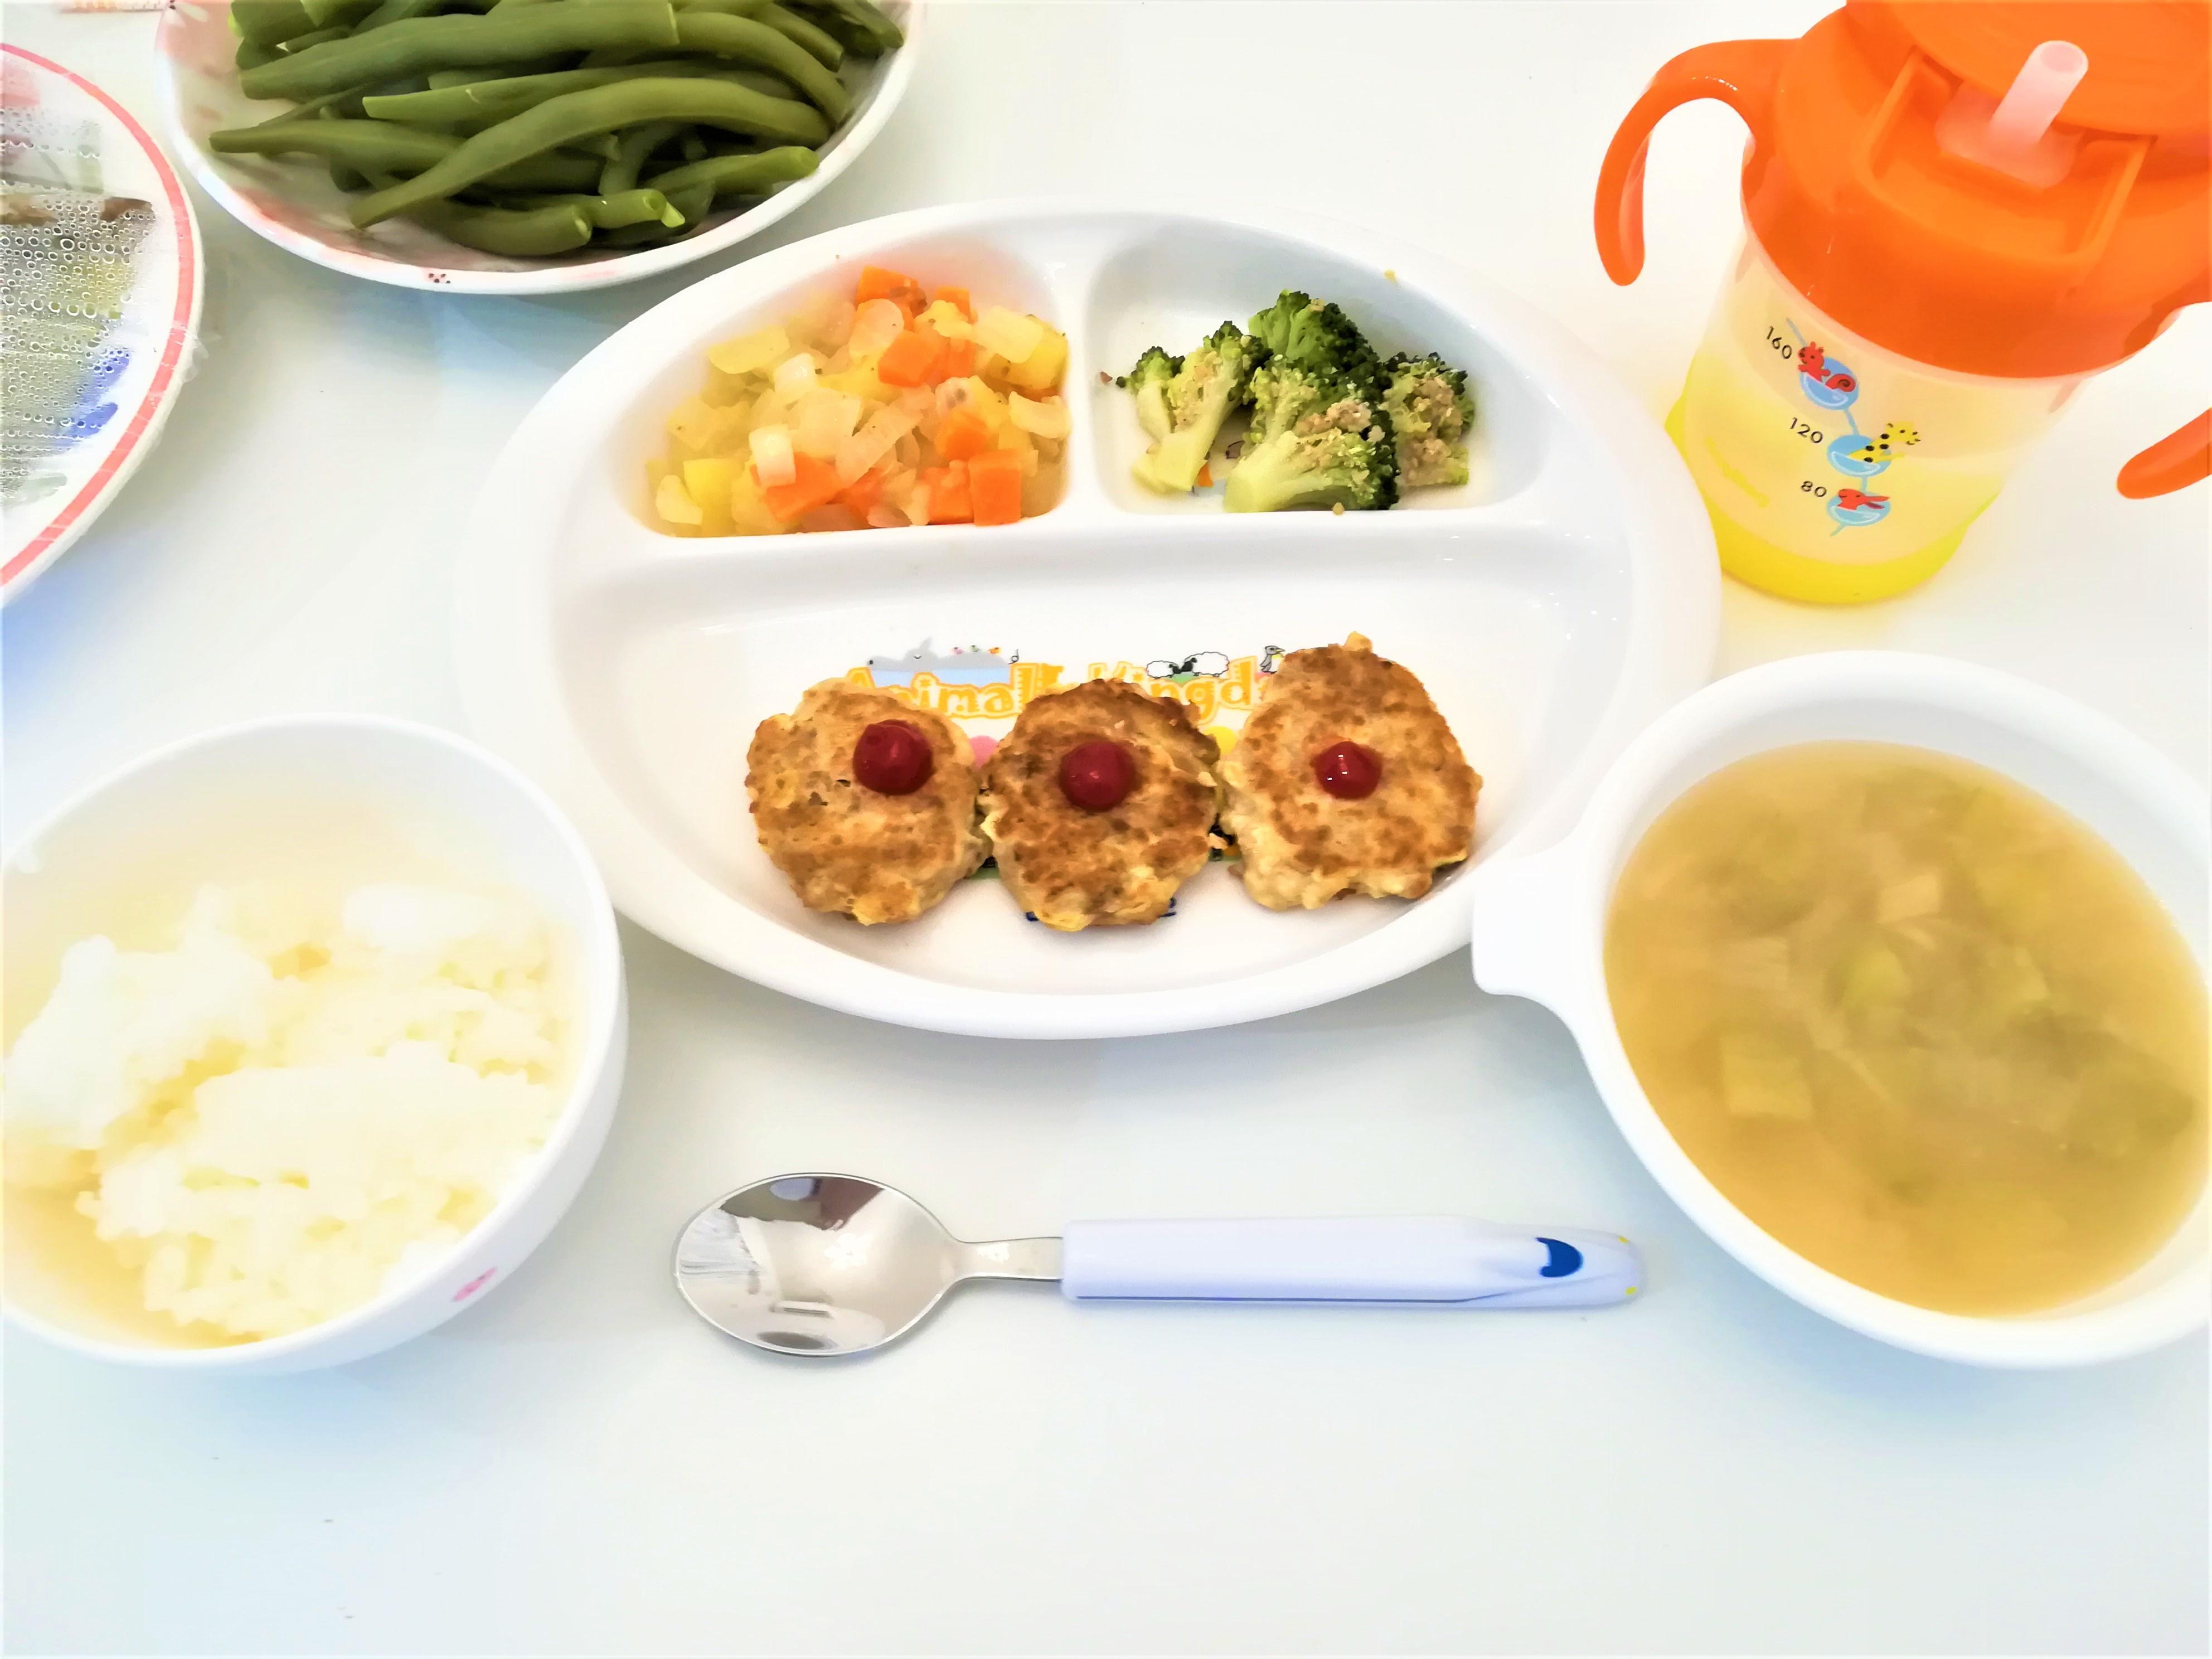 離乳食後期から使える『自家製野菜(ベジタブル)ミックス』の冷凍保存で毎食10分調理!超時短の手作り料理ができて栄養も◎ワーママにもおすすめ